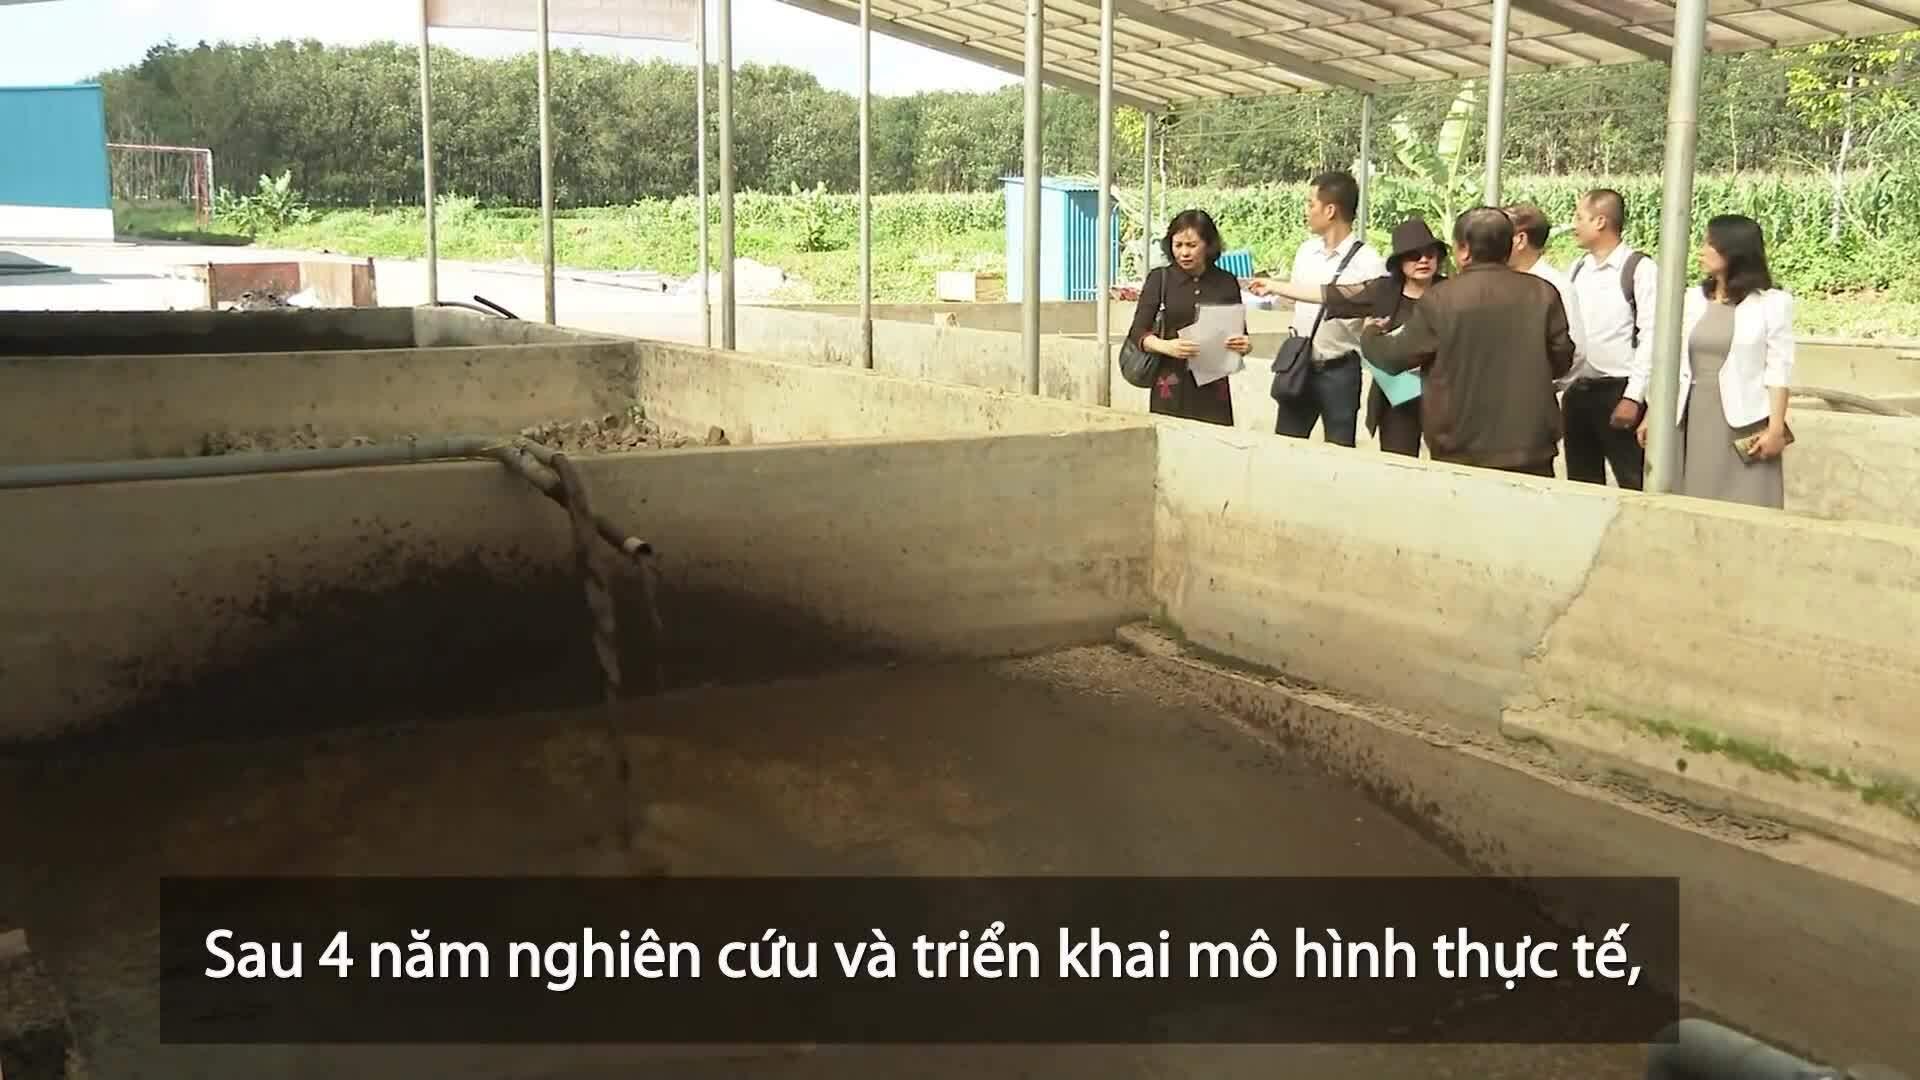 Công nghệ xử lý bùn thải tạo khí sinh học phát điện